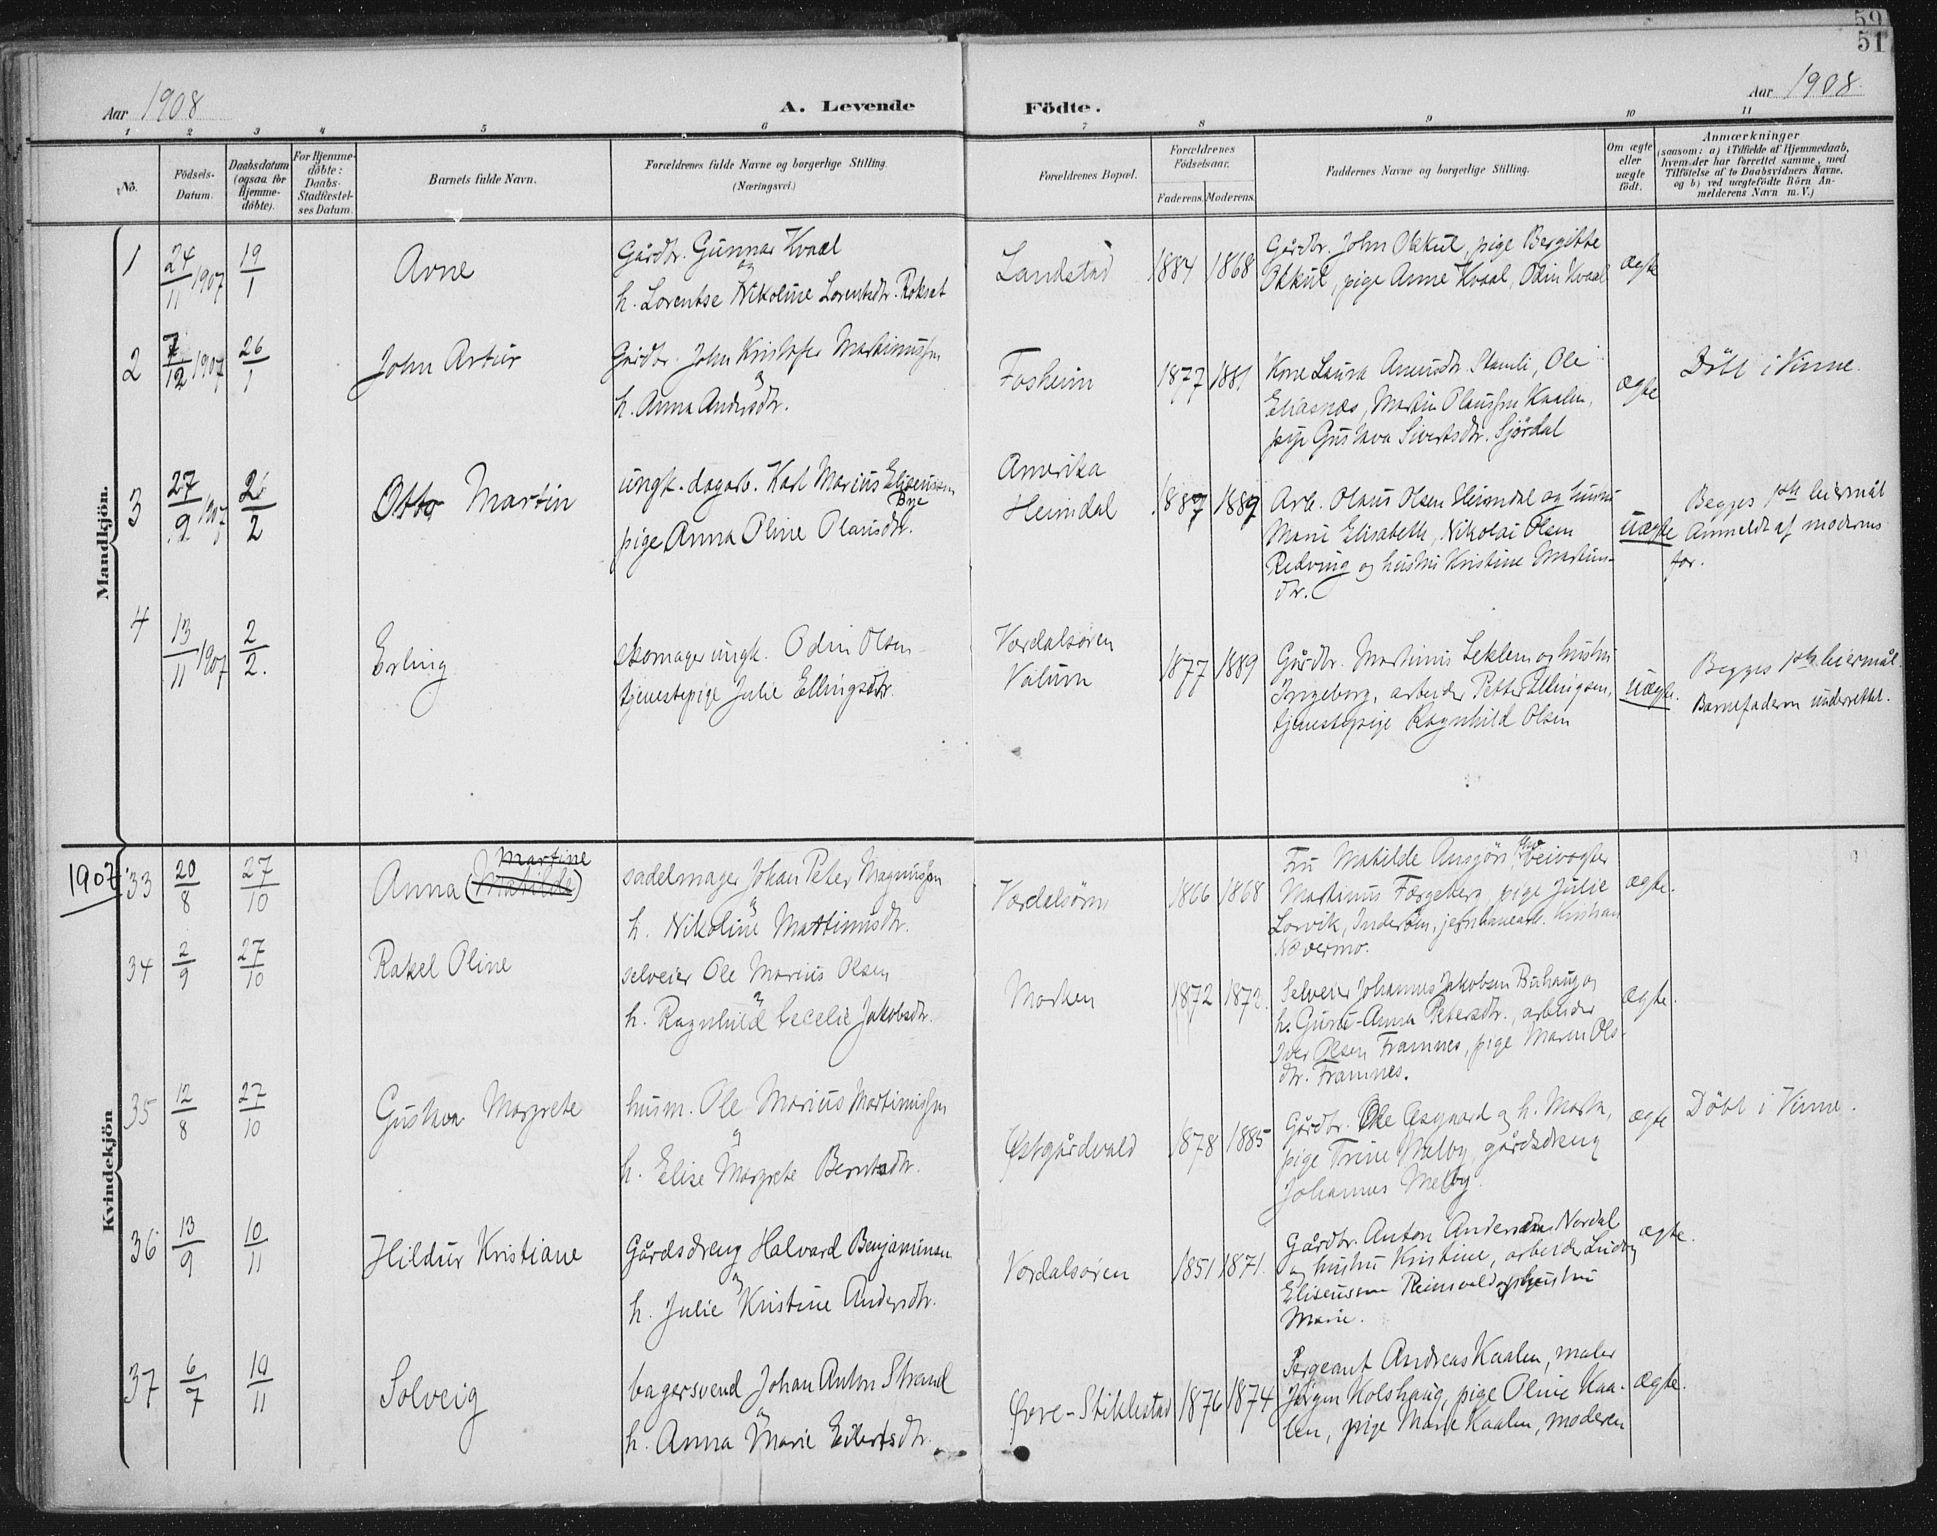 SAT, Ministerialprotokoller, klokkerbøker og fødselsregistre - Nord-Trøndelag, 723/L0246: Ministerialbok nr. 723A15, 1900-1917, s. 51